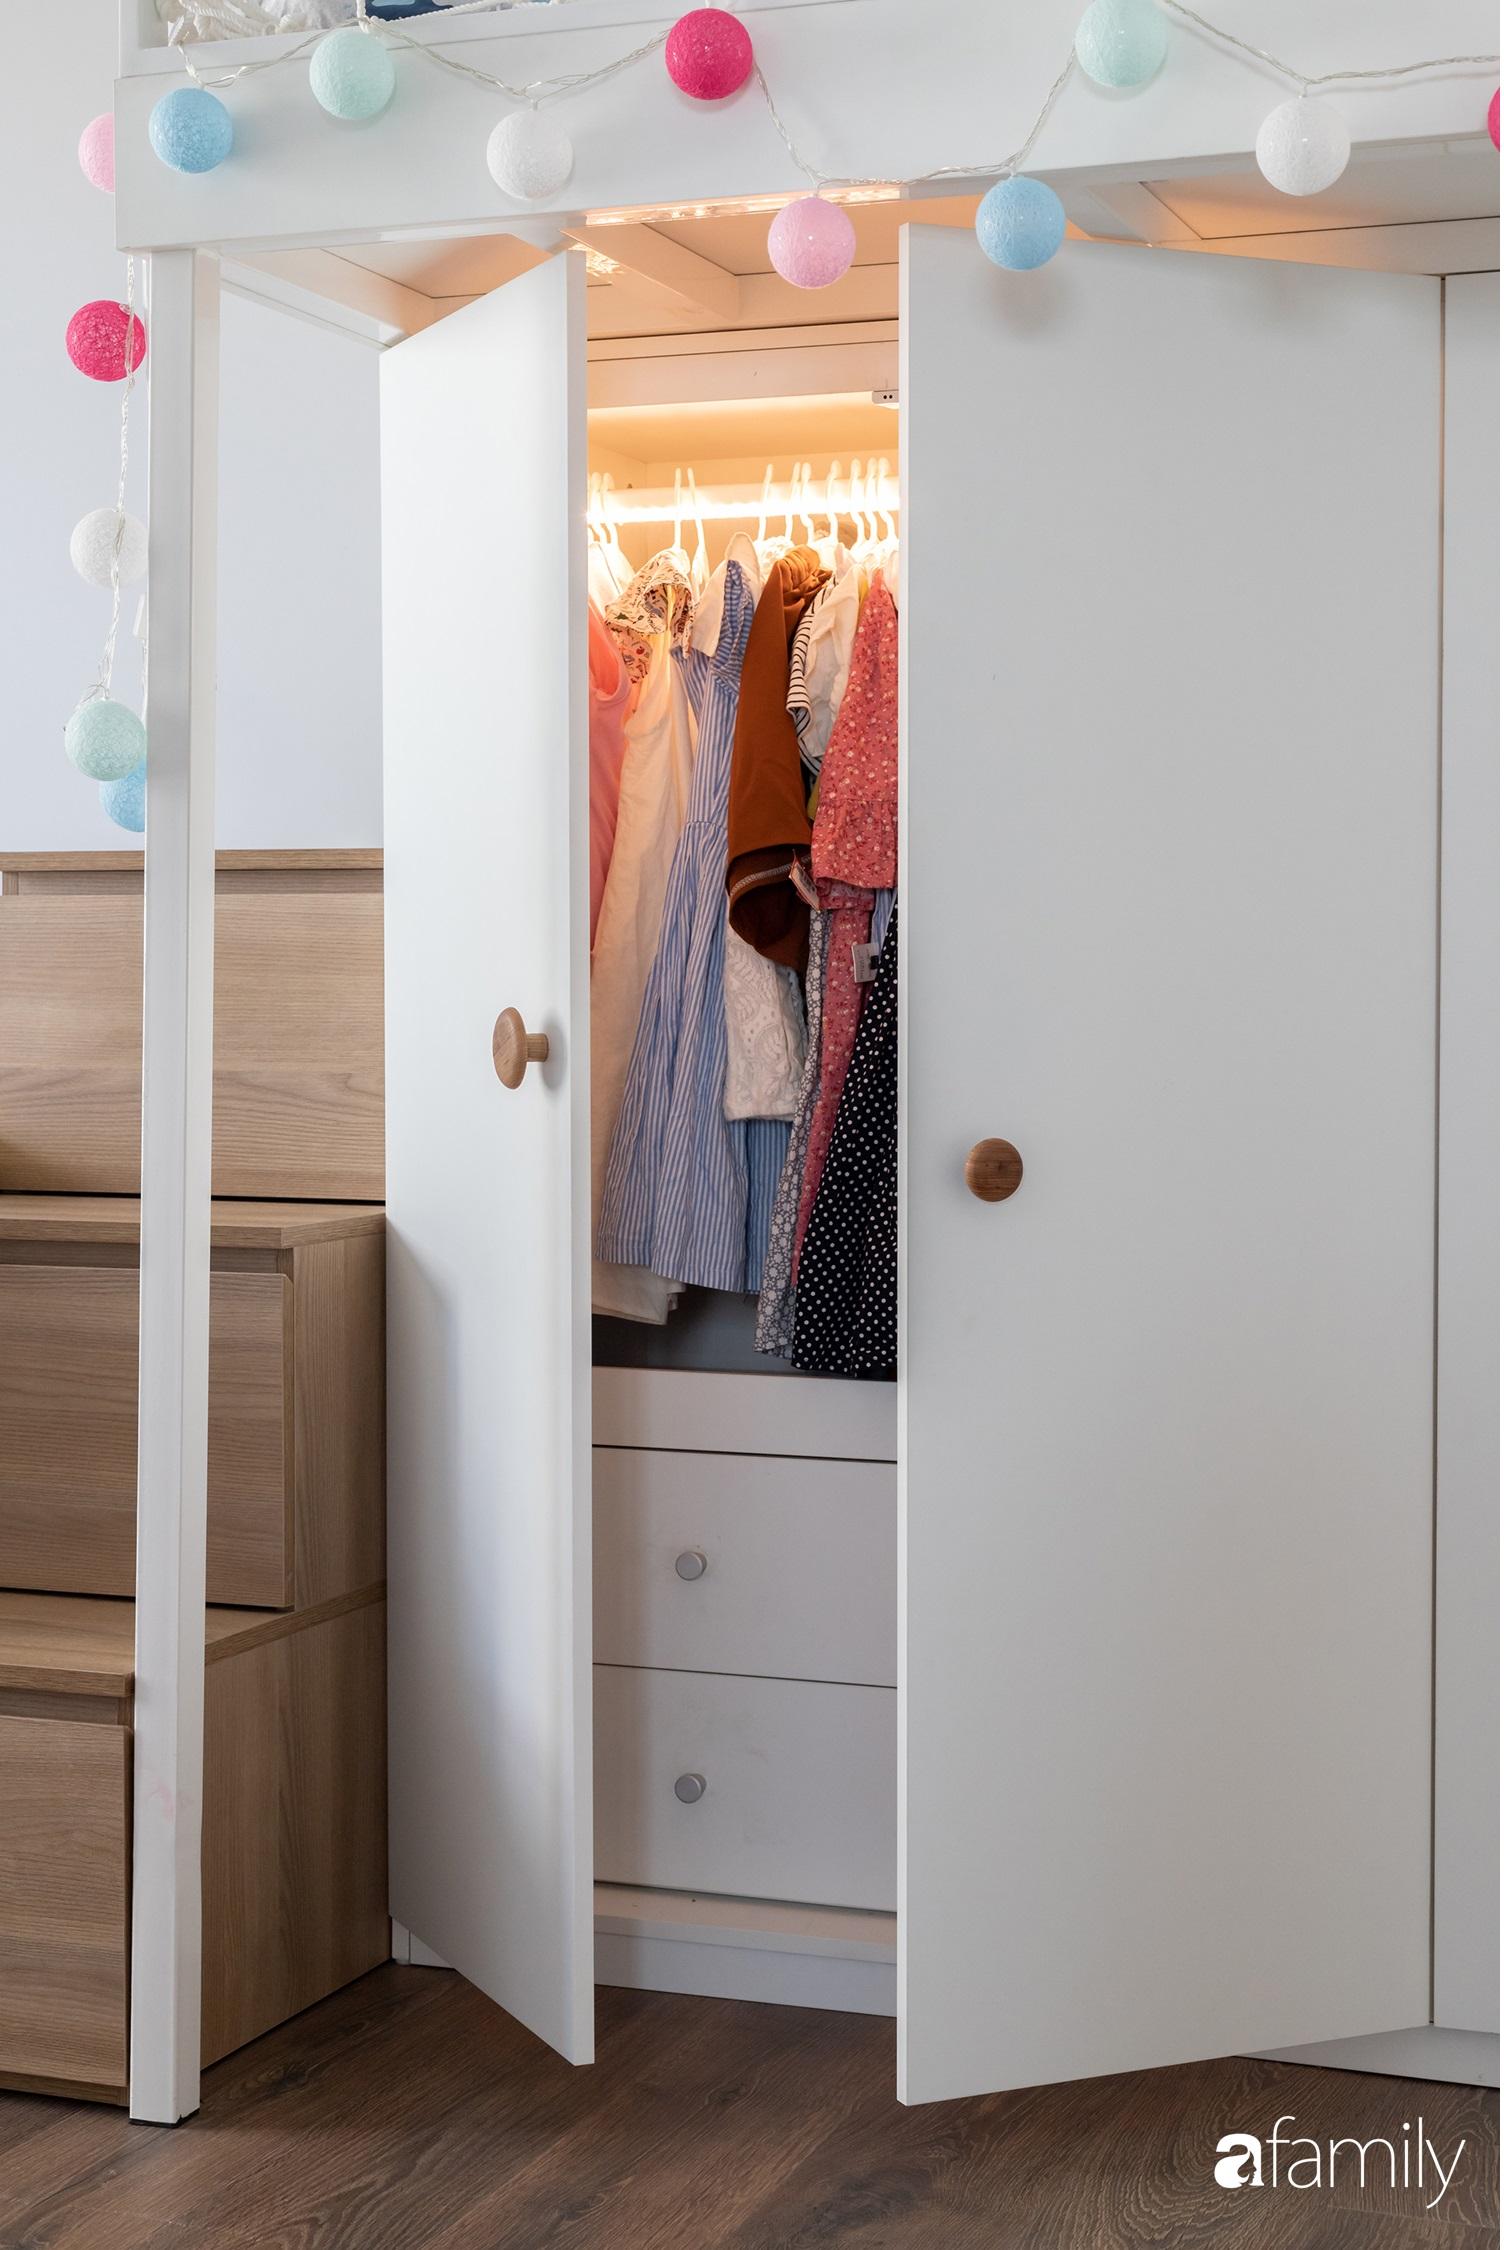 Căn hộ với chi phí phần nội thất gỗ có giá 200 triệu đồng đẹp cuốn hút theo phong cách tối giản ở Hà Nội - Ảnh 29.